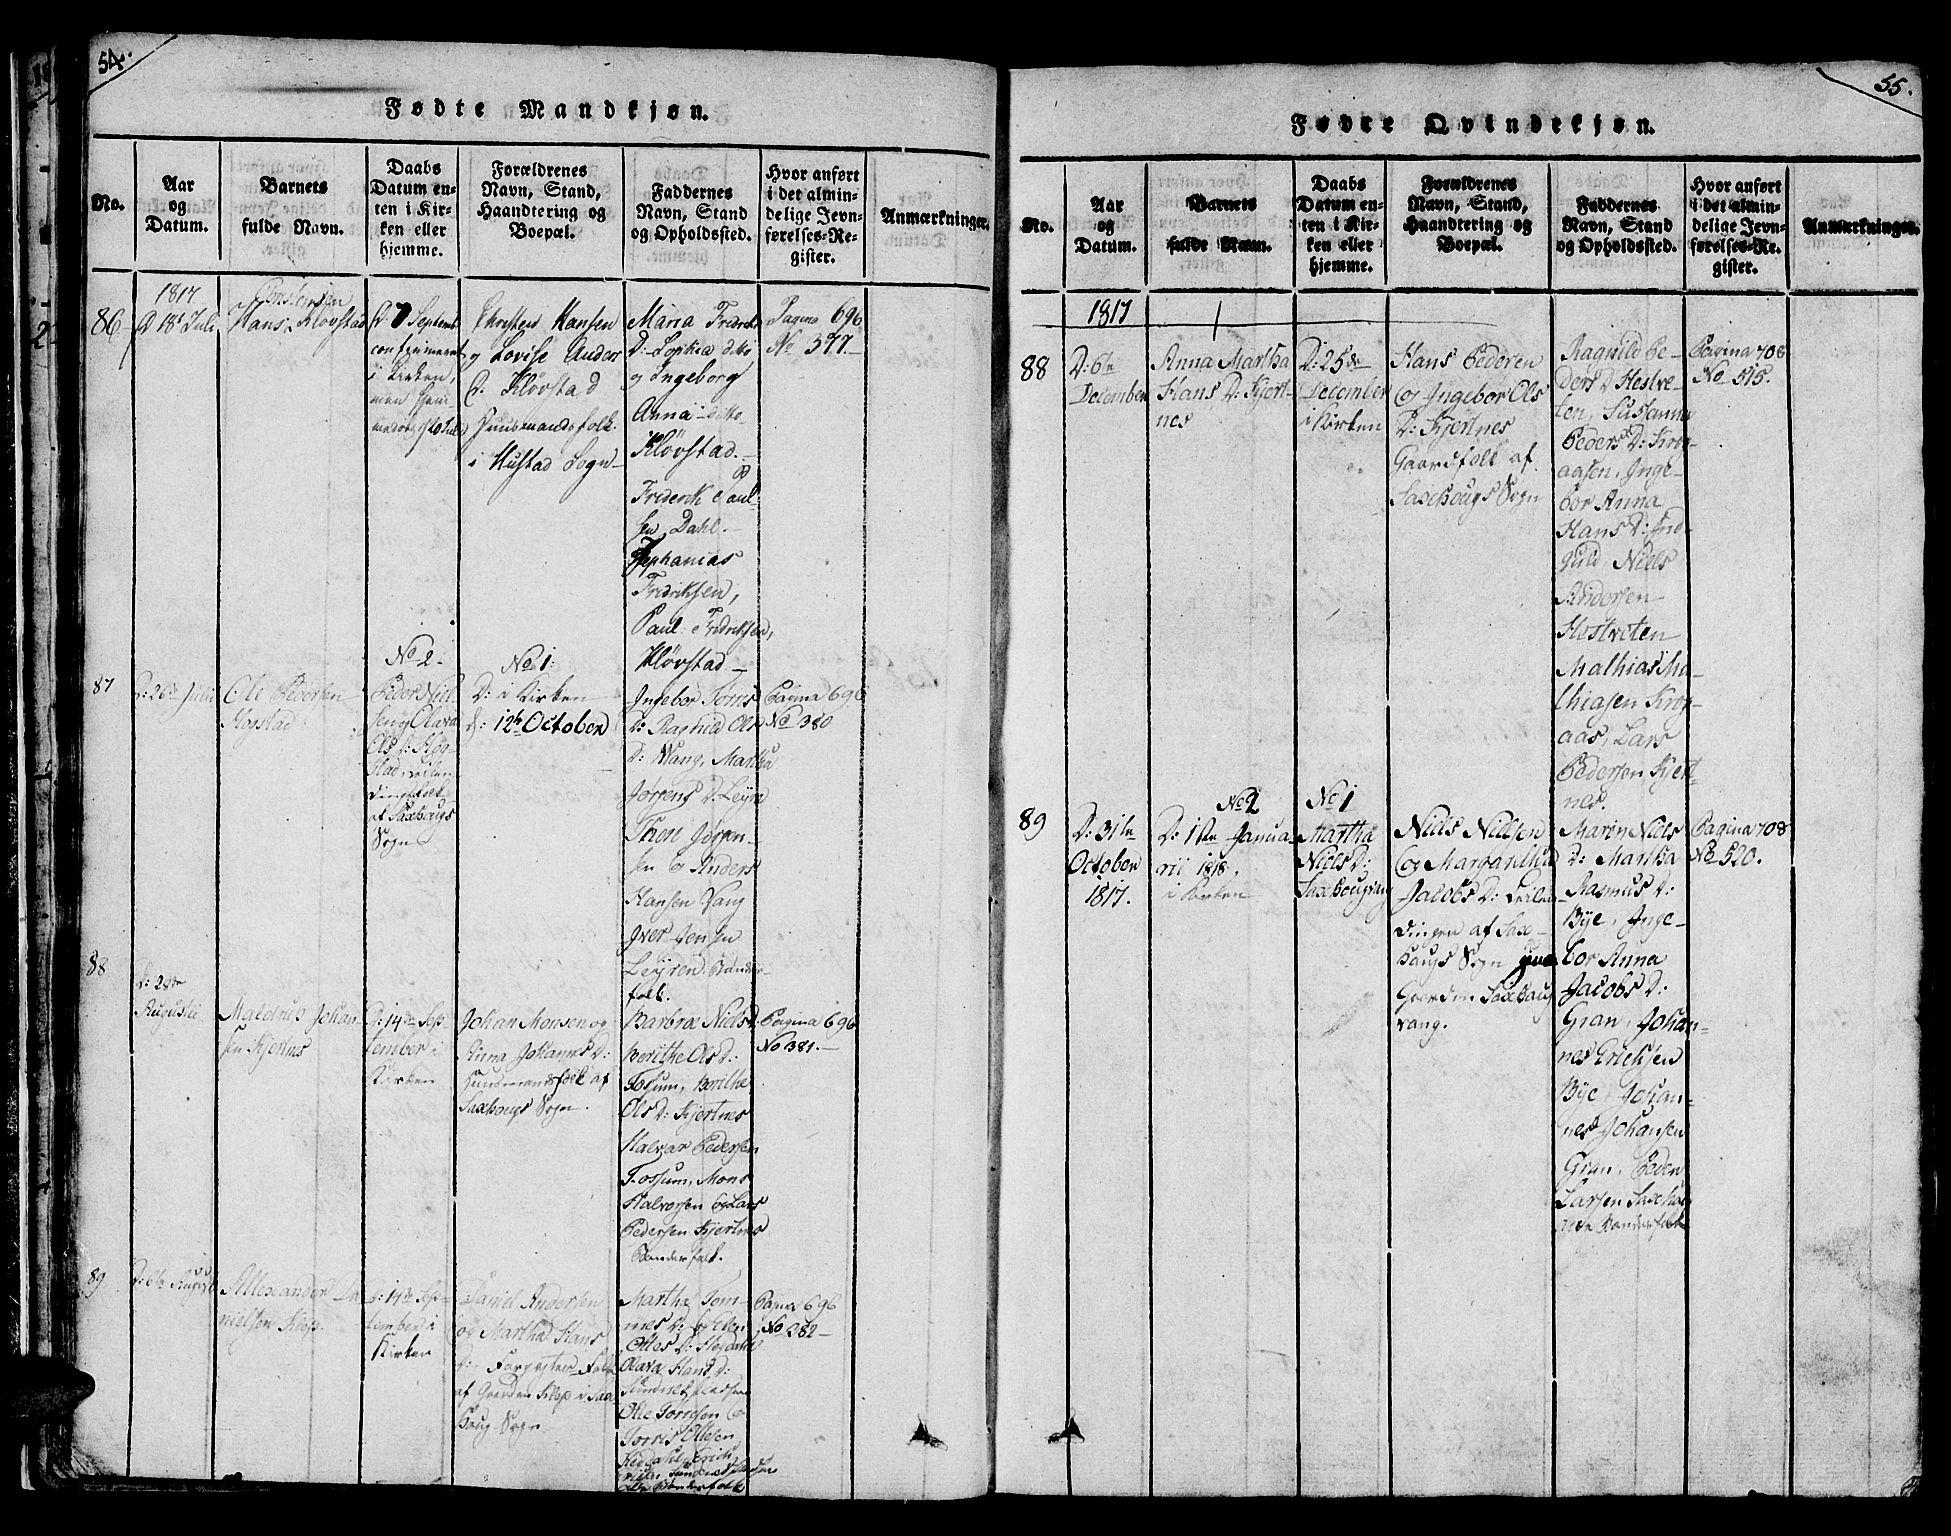 SAT, Ministerialprotokoller, klokkerbøker og fødselsregistre - Nord-Trøndelag, 730/L0275: Ministerialbok nr. 730A04, 1816-1822, s. 54-55